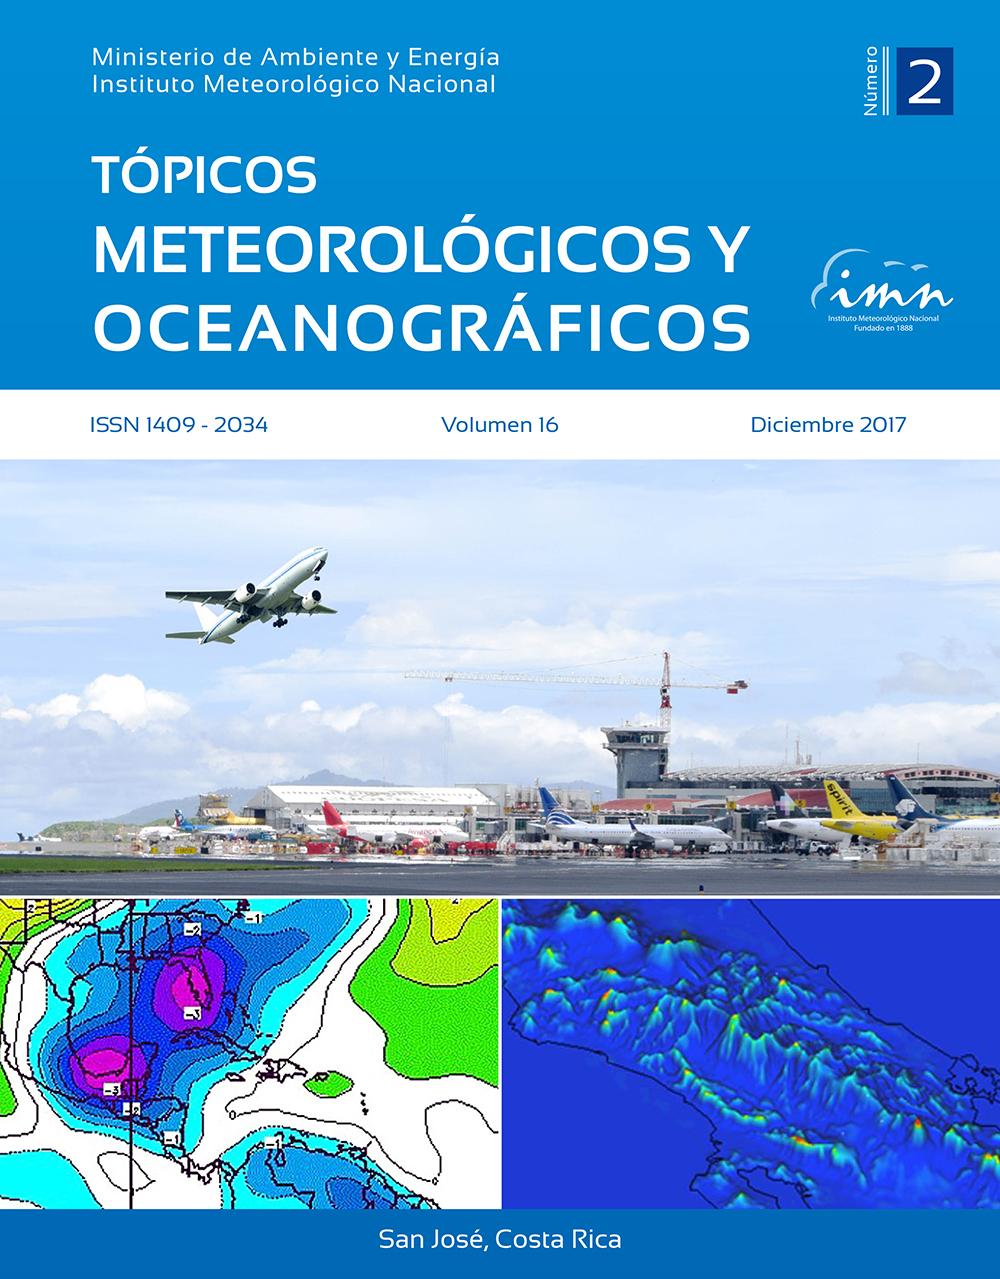 Revista Tópicos Meteorológicos, Vol. 16-2, 2017